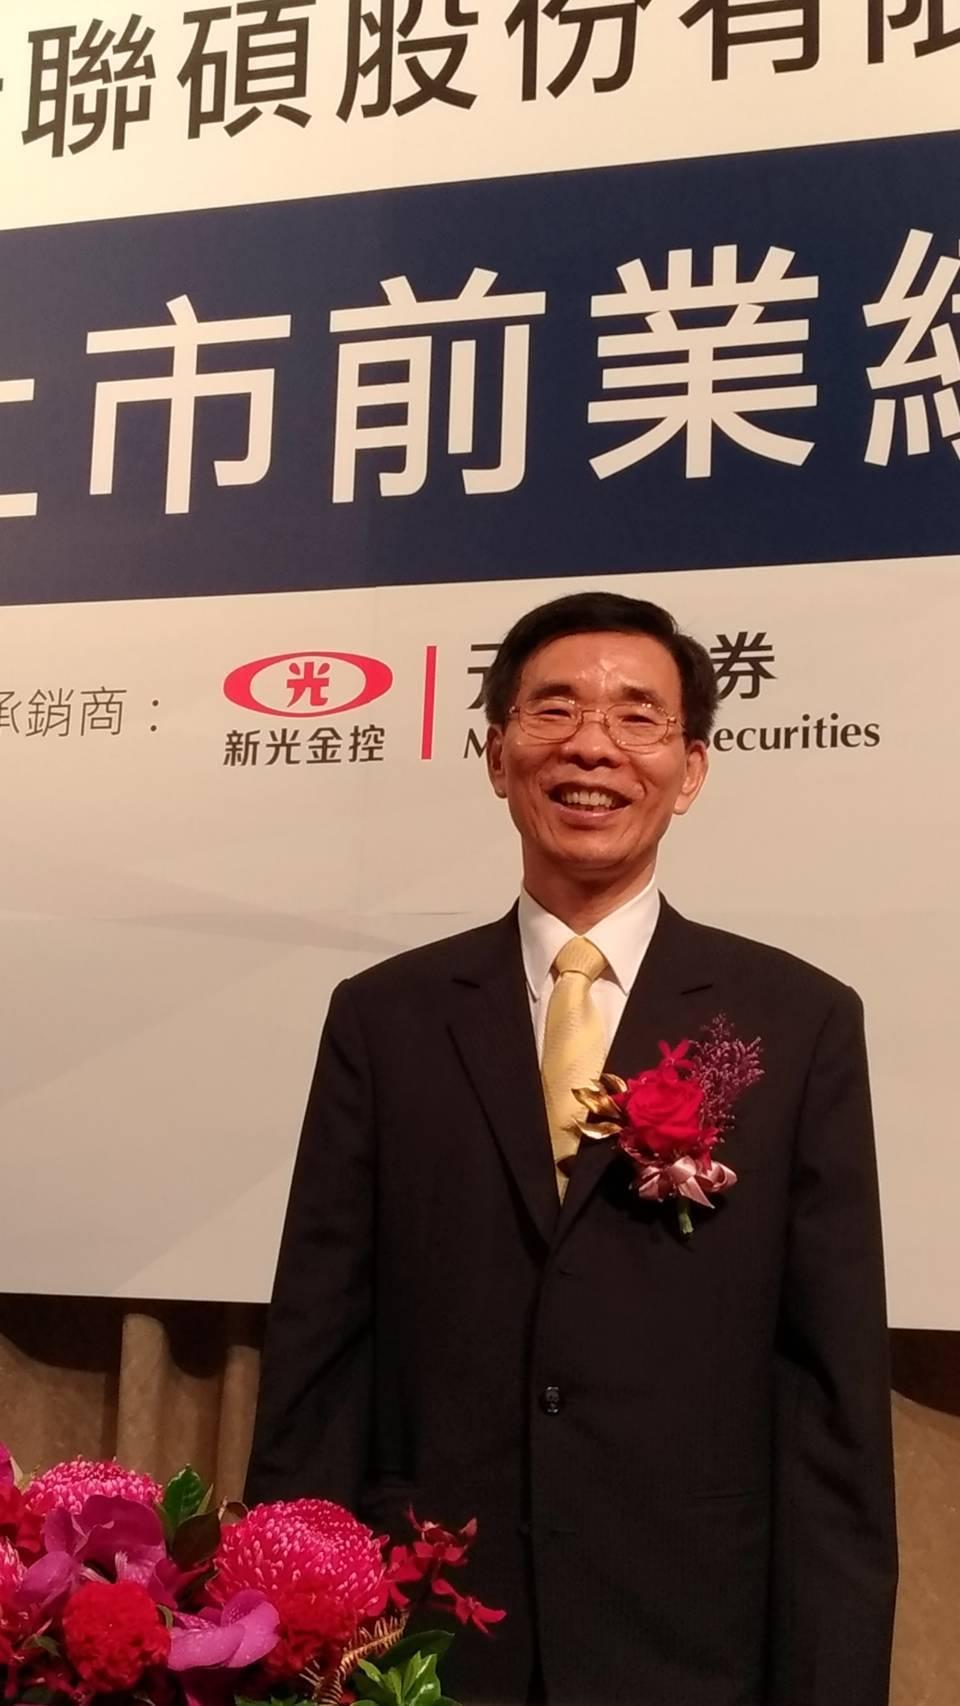 家電大廠禾聯碩董事長蔡金土表示,產品差異化,提供市場需求,服務團隊完整,均是業績...